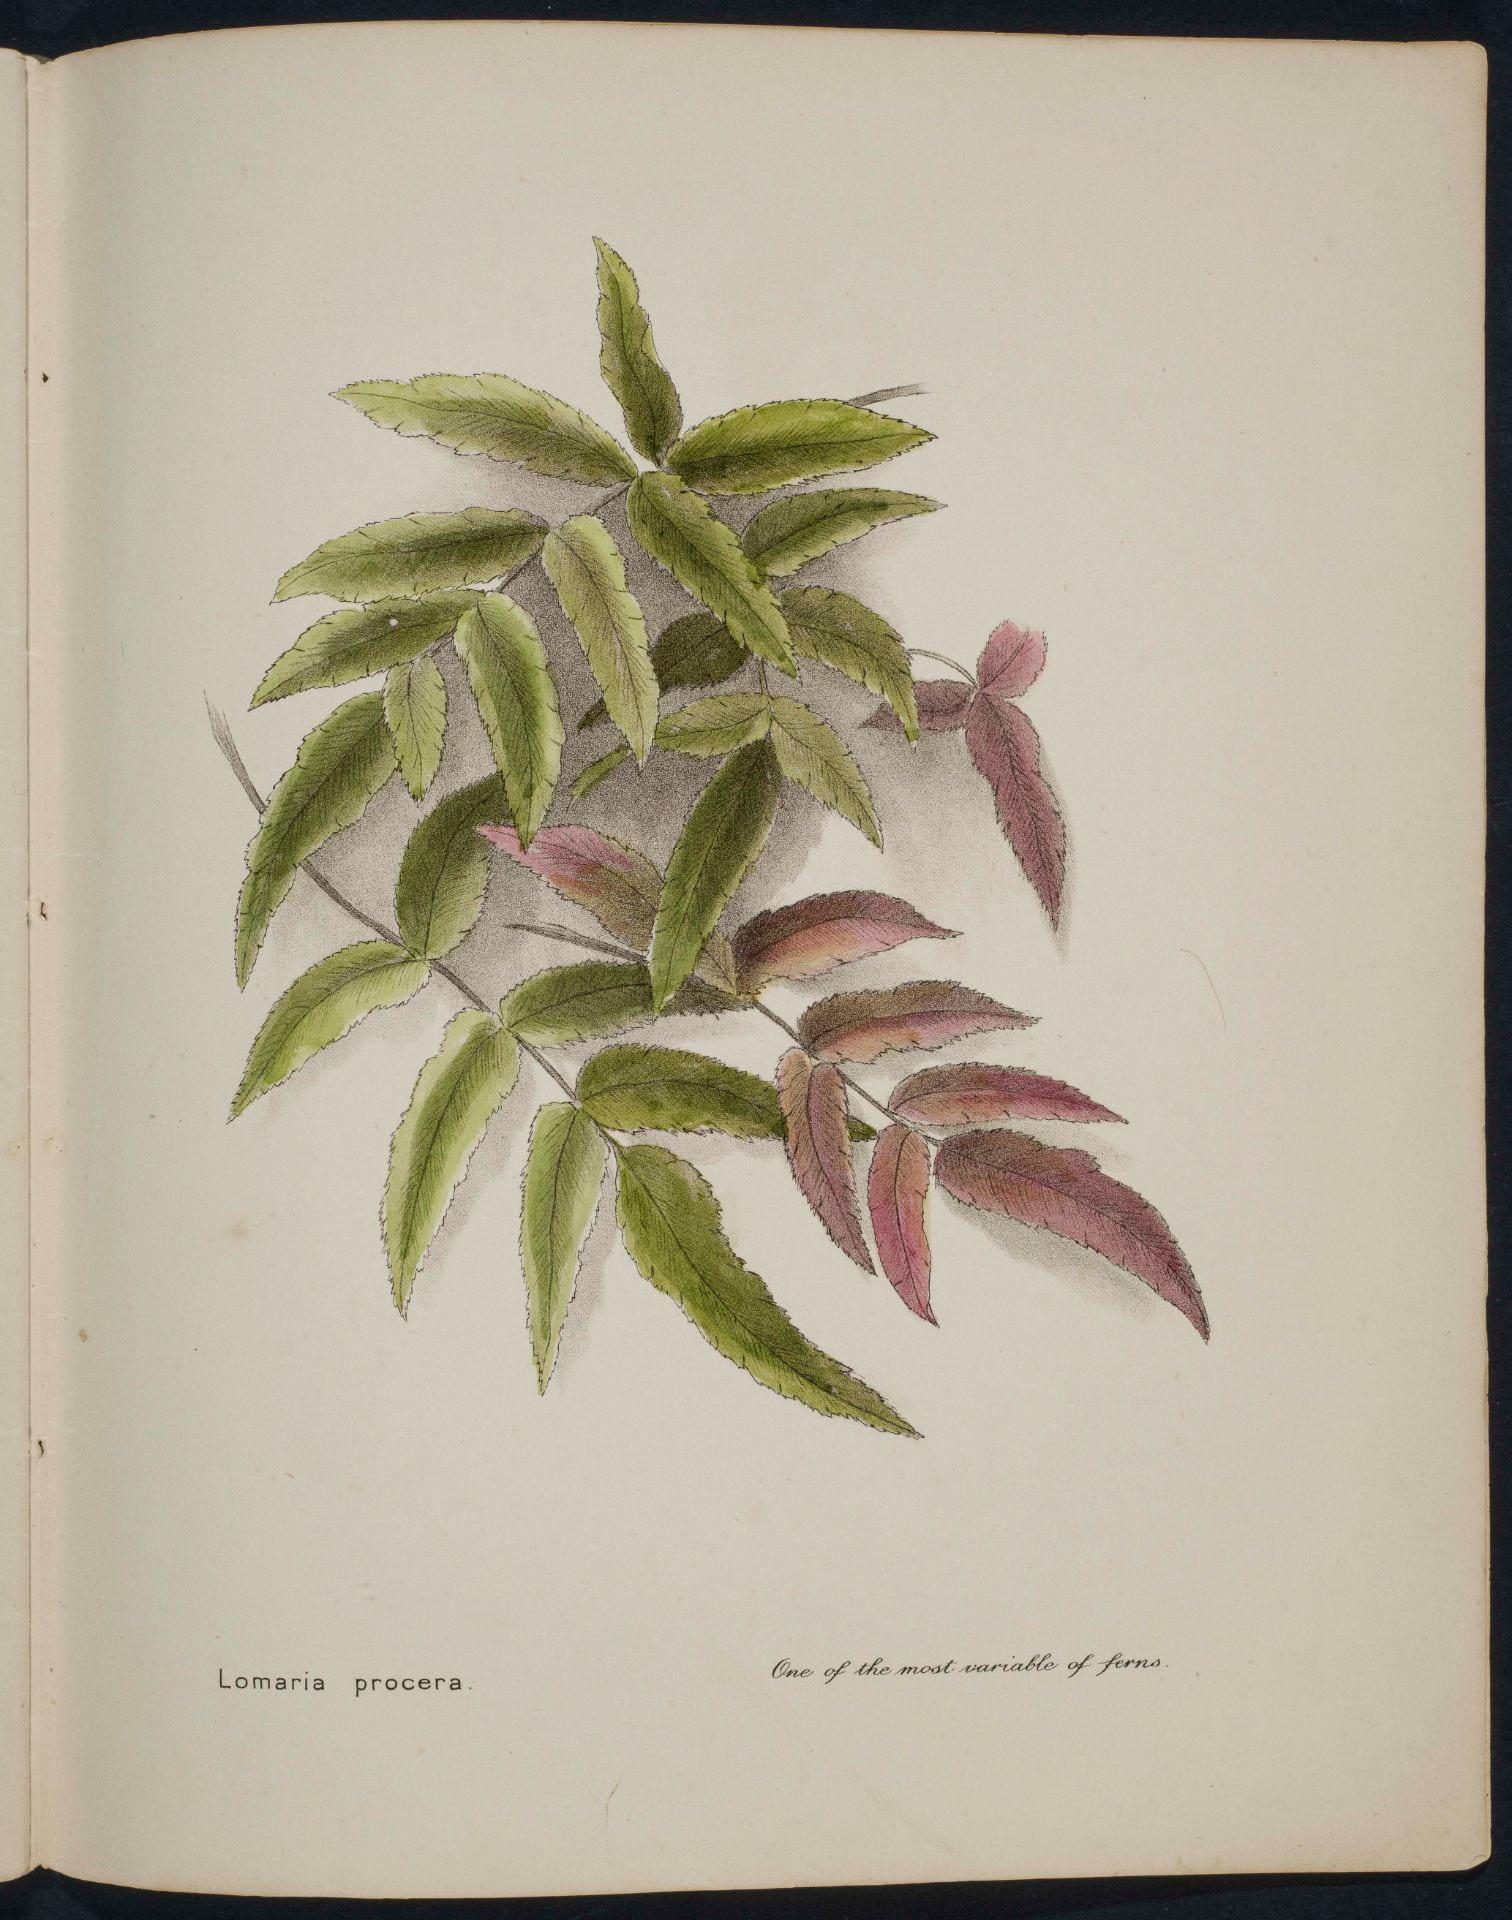 Lomaria procera